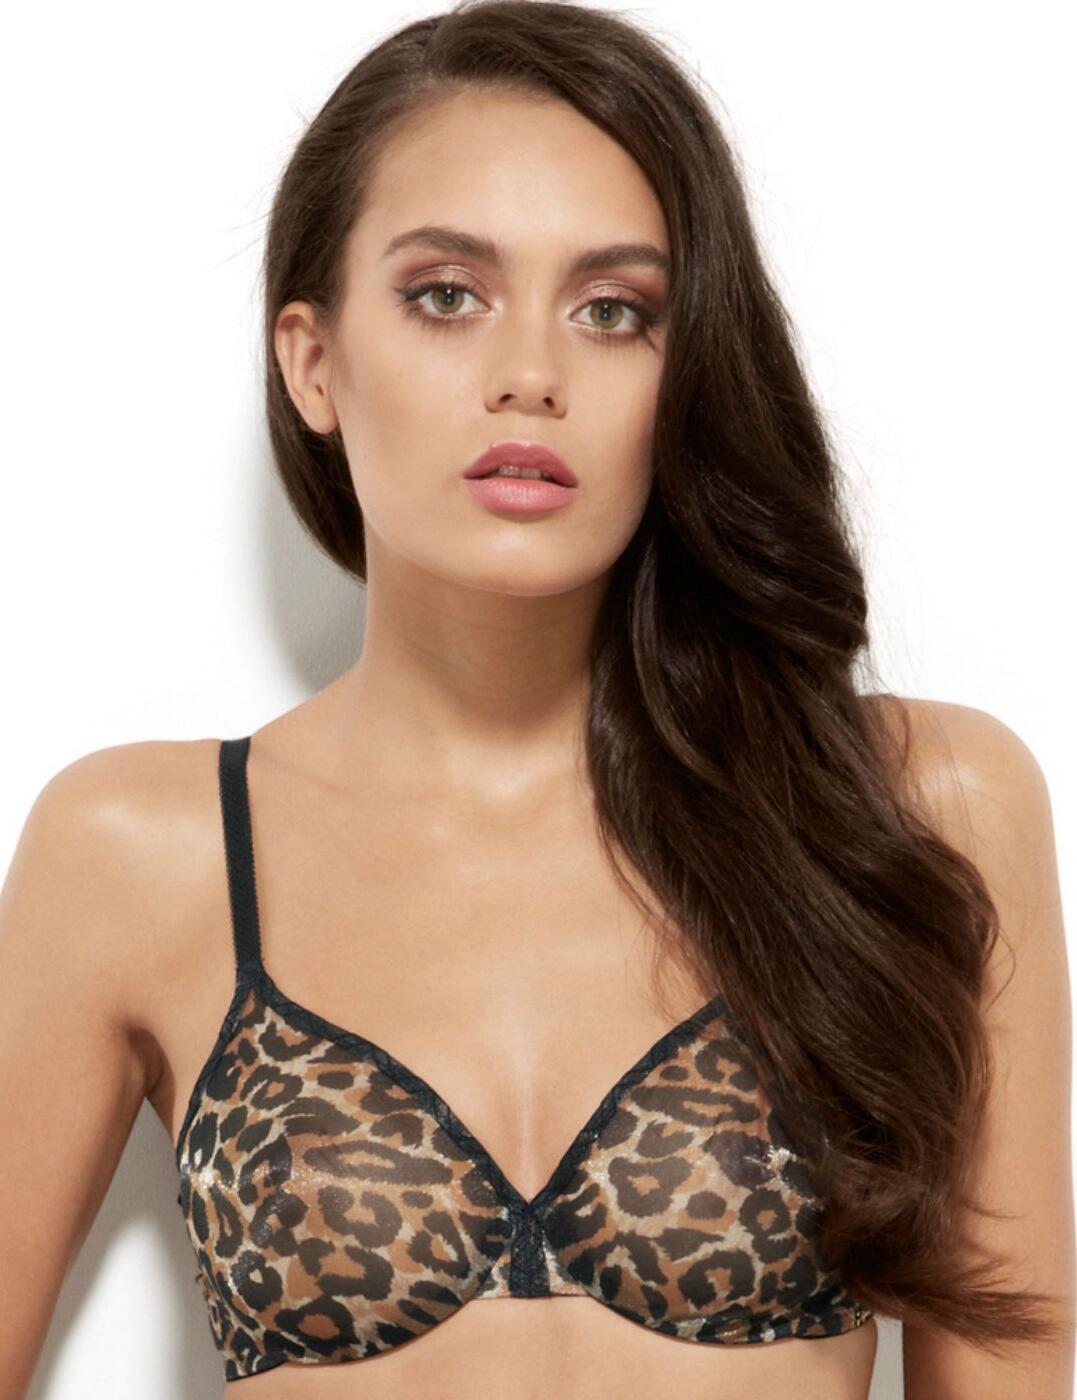 13101 Gossard Glossies Leopard Print Sheer Bra - 13101 Leopard Print